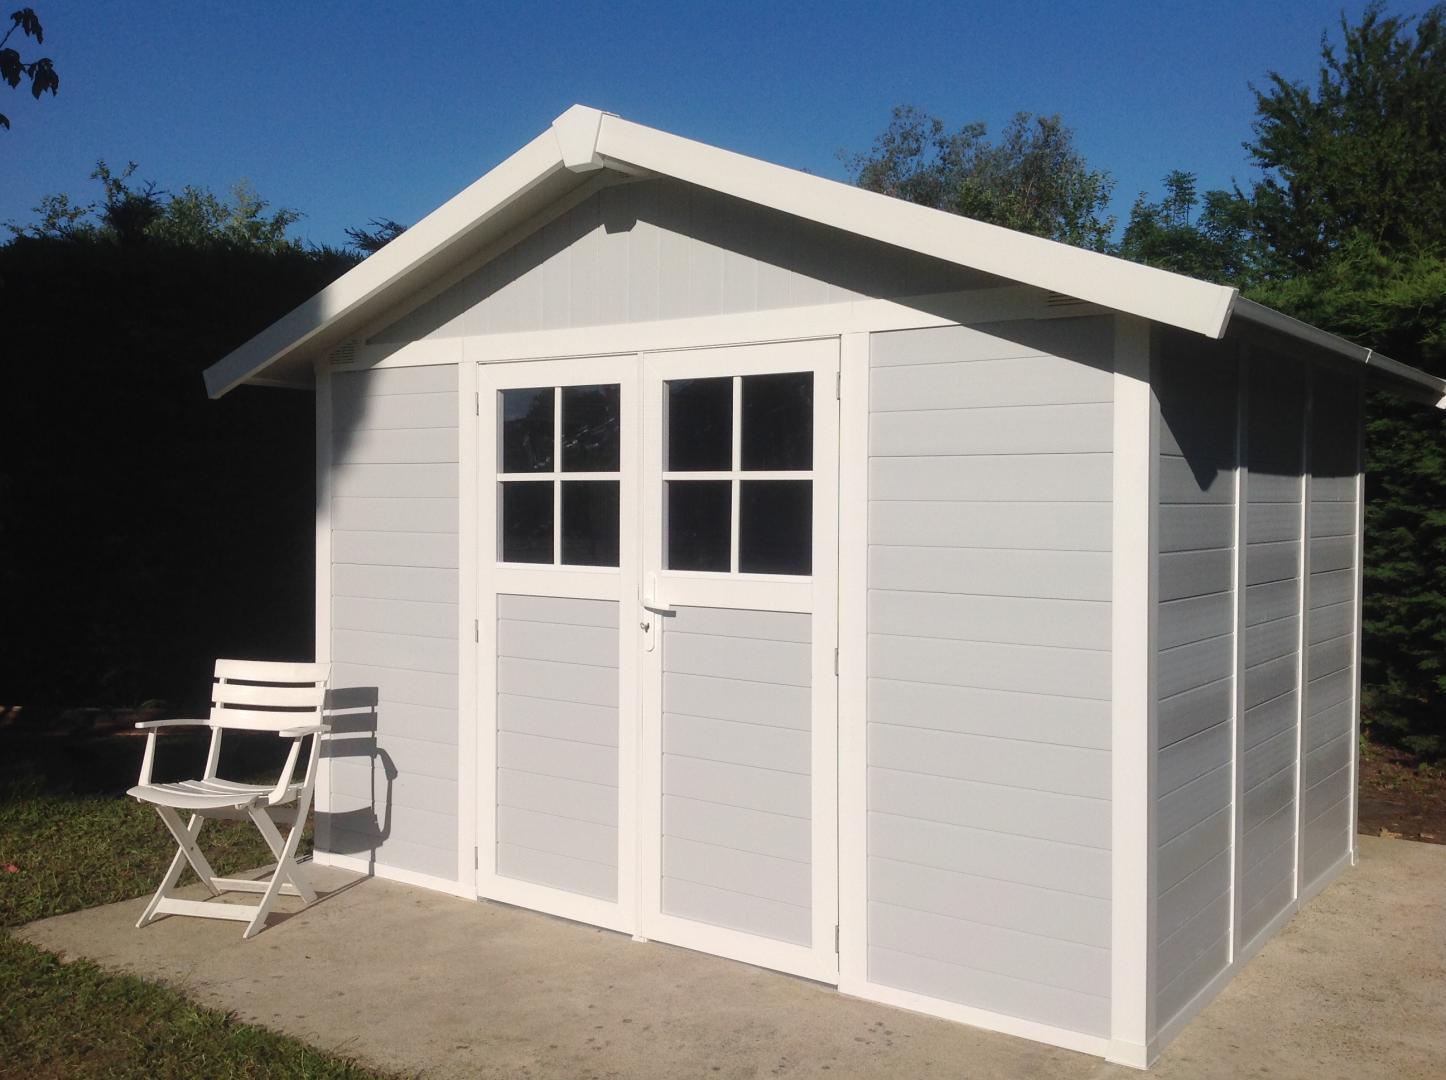 abri de jardin en pvc 7 5m deco gris clair et blanc grosfillex. Black Bedroom Furniture Sets. Home Design Ideas